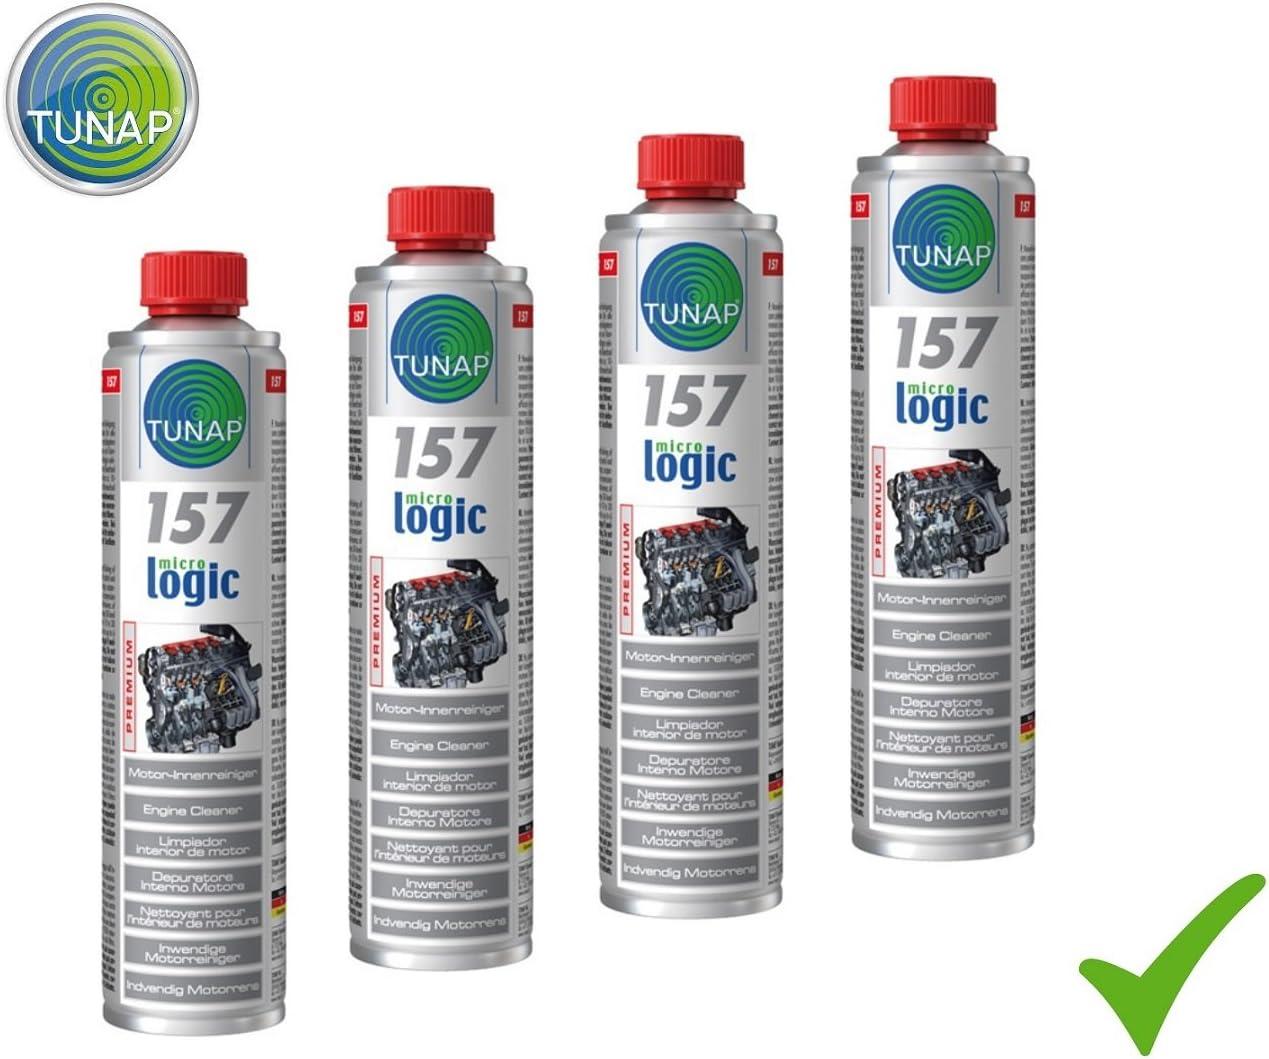 Tunap 4 X 400 Ml Micrologic Premium 157 Motor Innenreiniger Motorölsystem Motorreiniger Motor Reiniger Innen Lösemittelfrei Auto